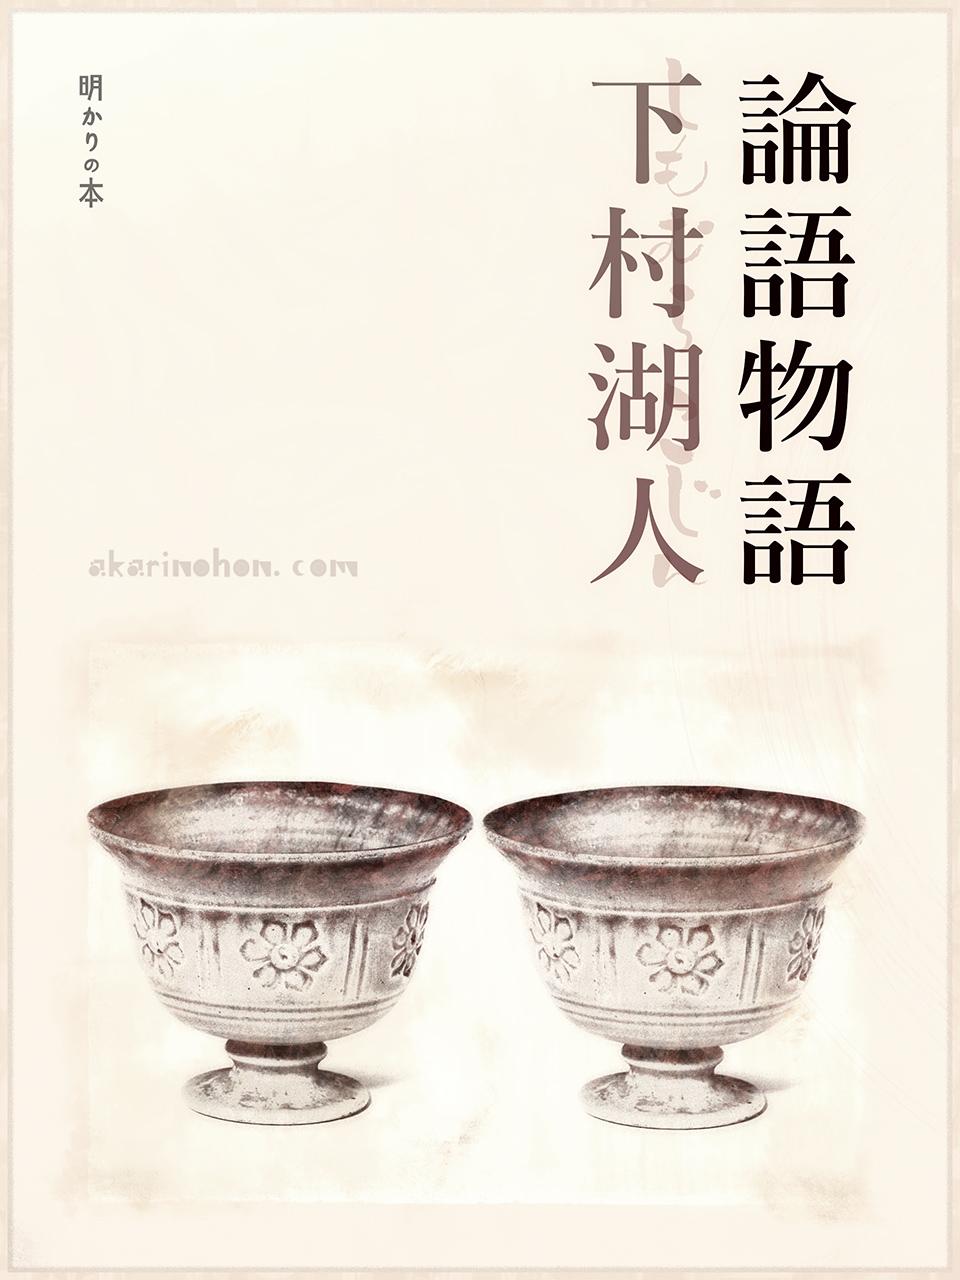 0000 - 論語物語(25) 下村湖人